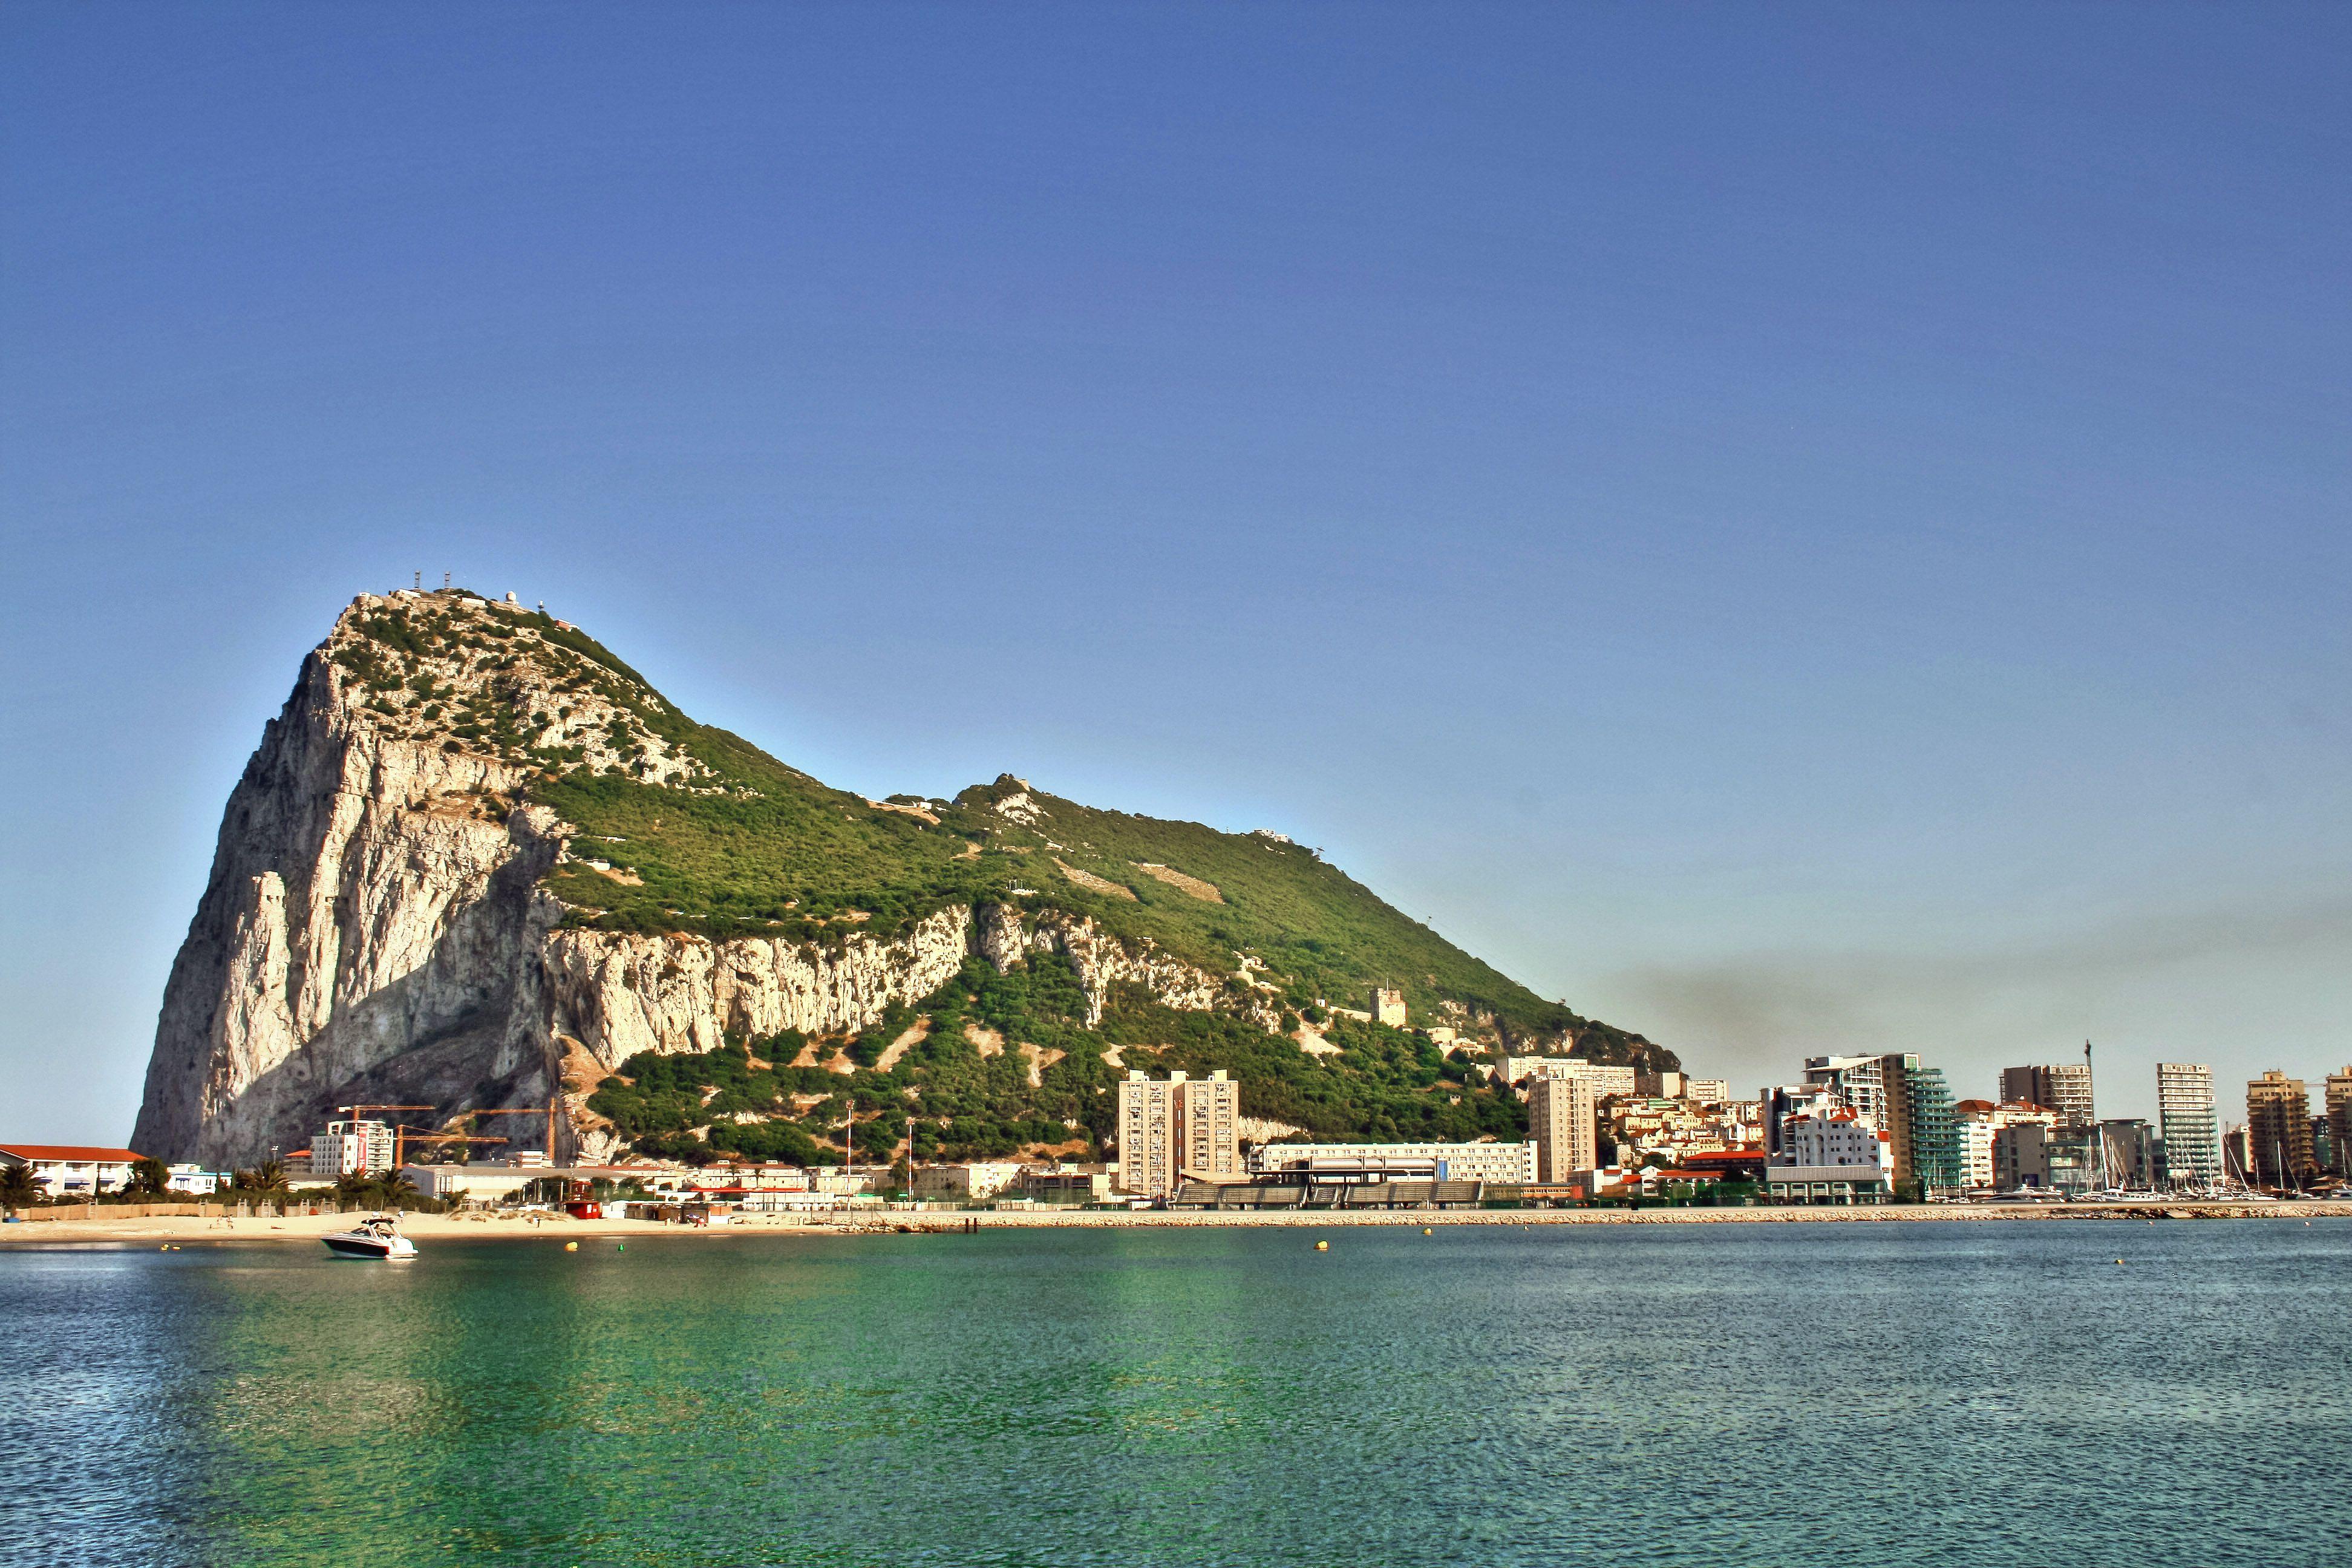 Peñon de Gibraltar, UK